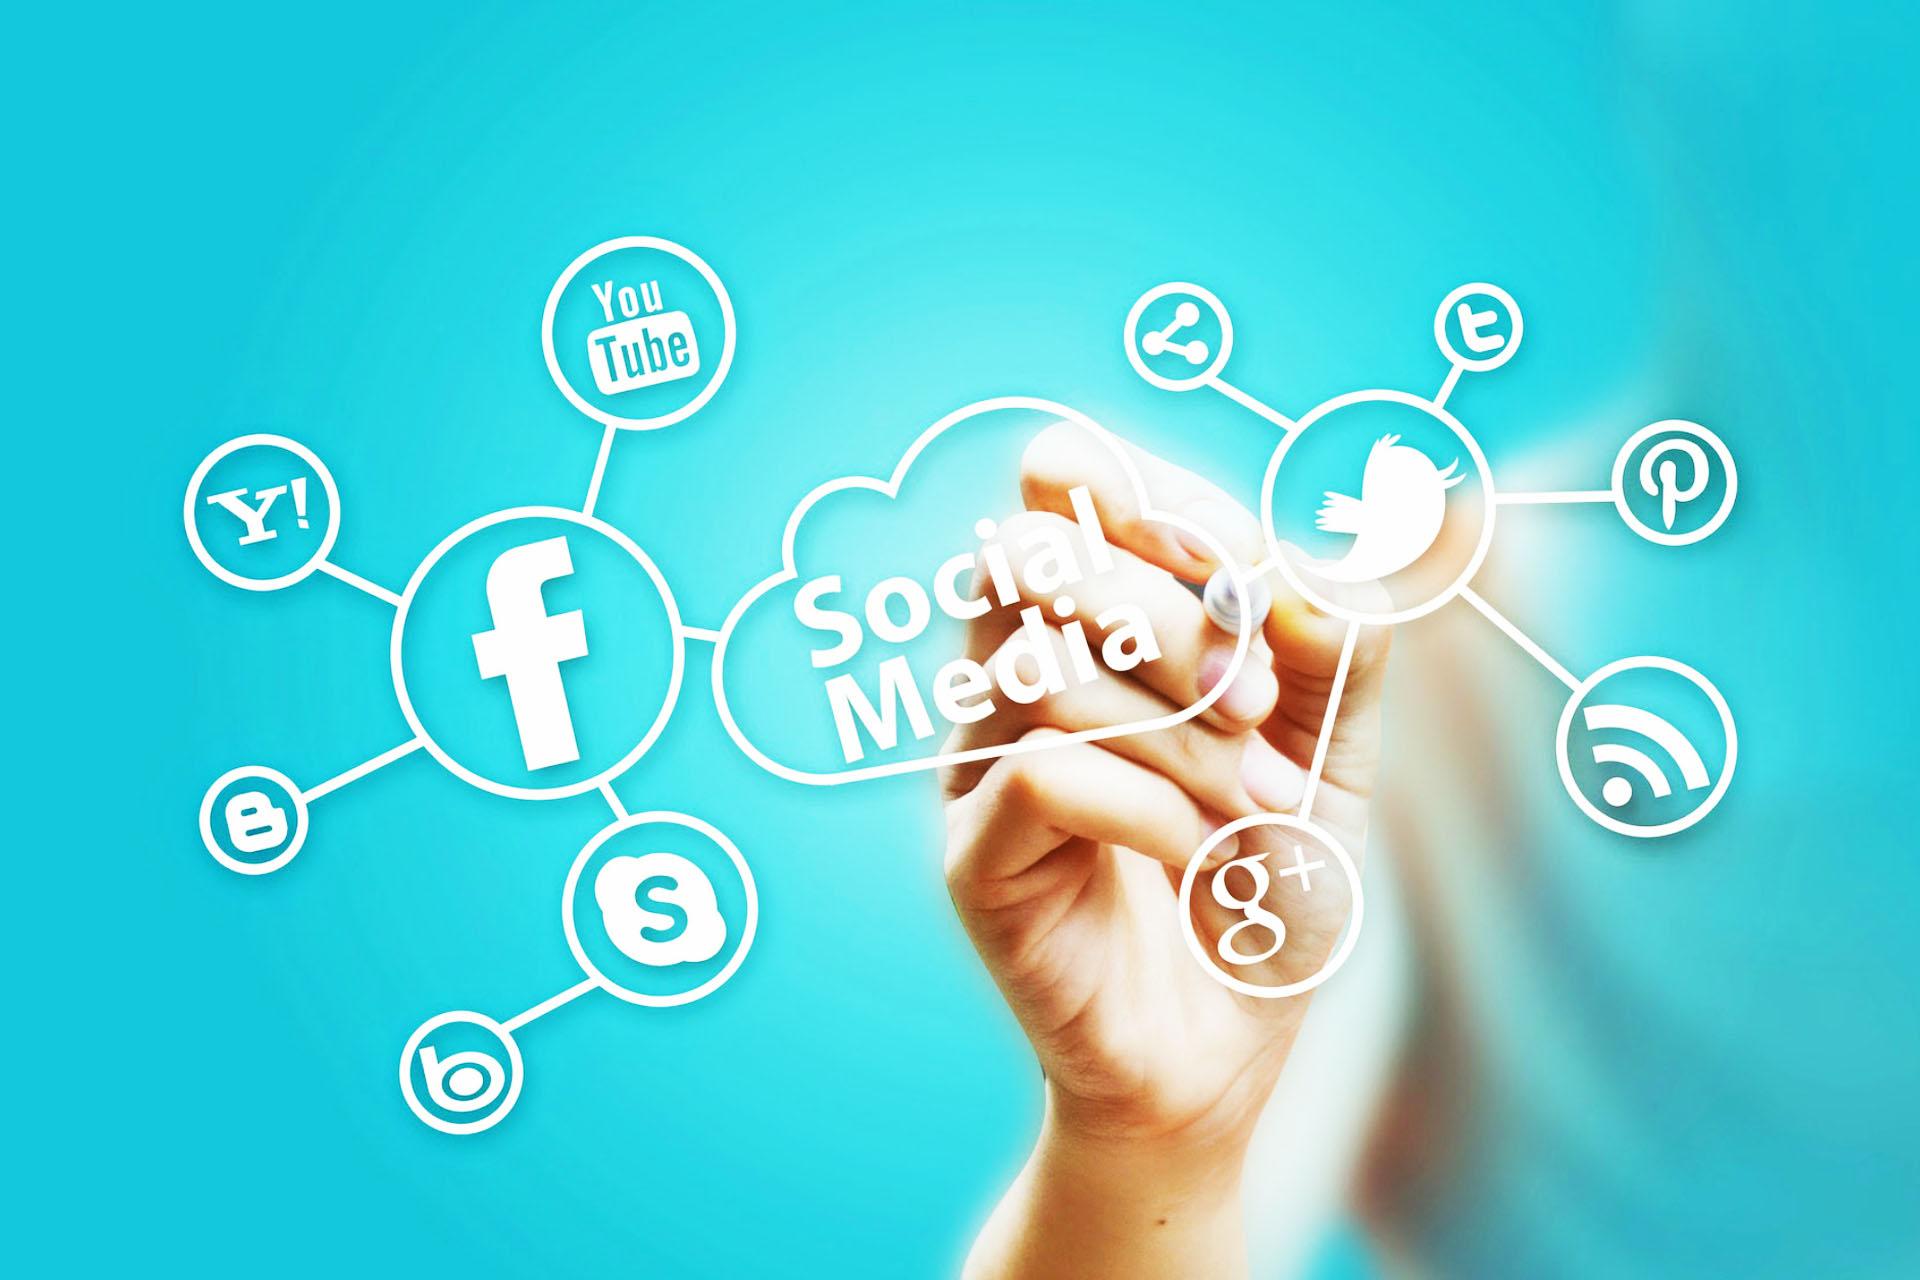 как продвигать мероприятия в социальных сетях